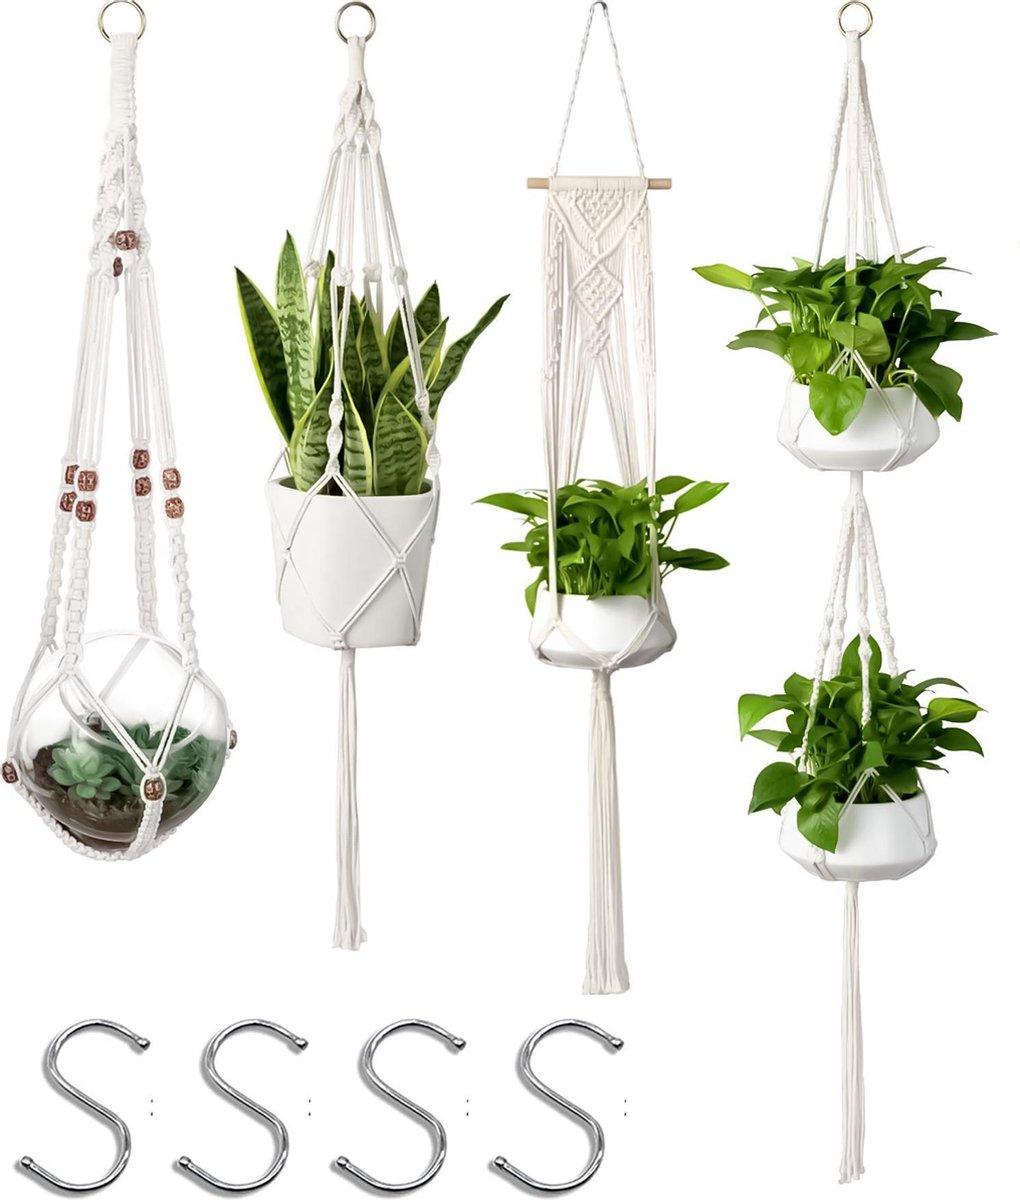 4 Stuks Luxe Macrame Plantenhangers - Boho Handgeweven Katoen Hangpot voor Binnen/Buiten - Hangende